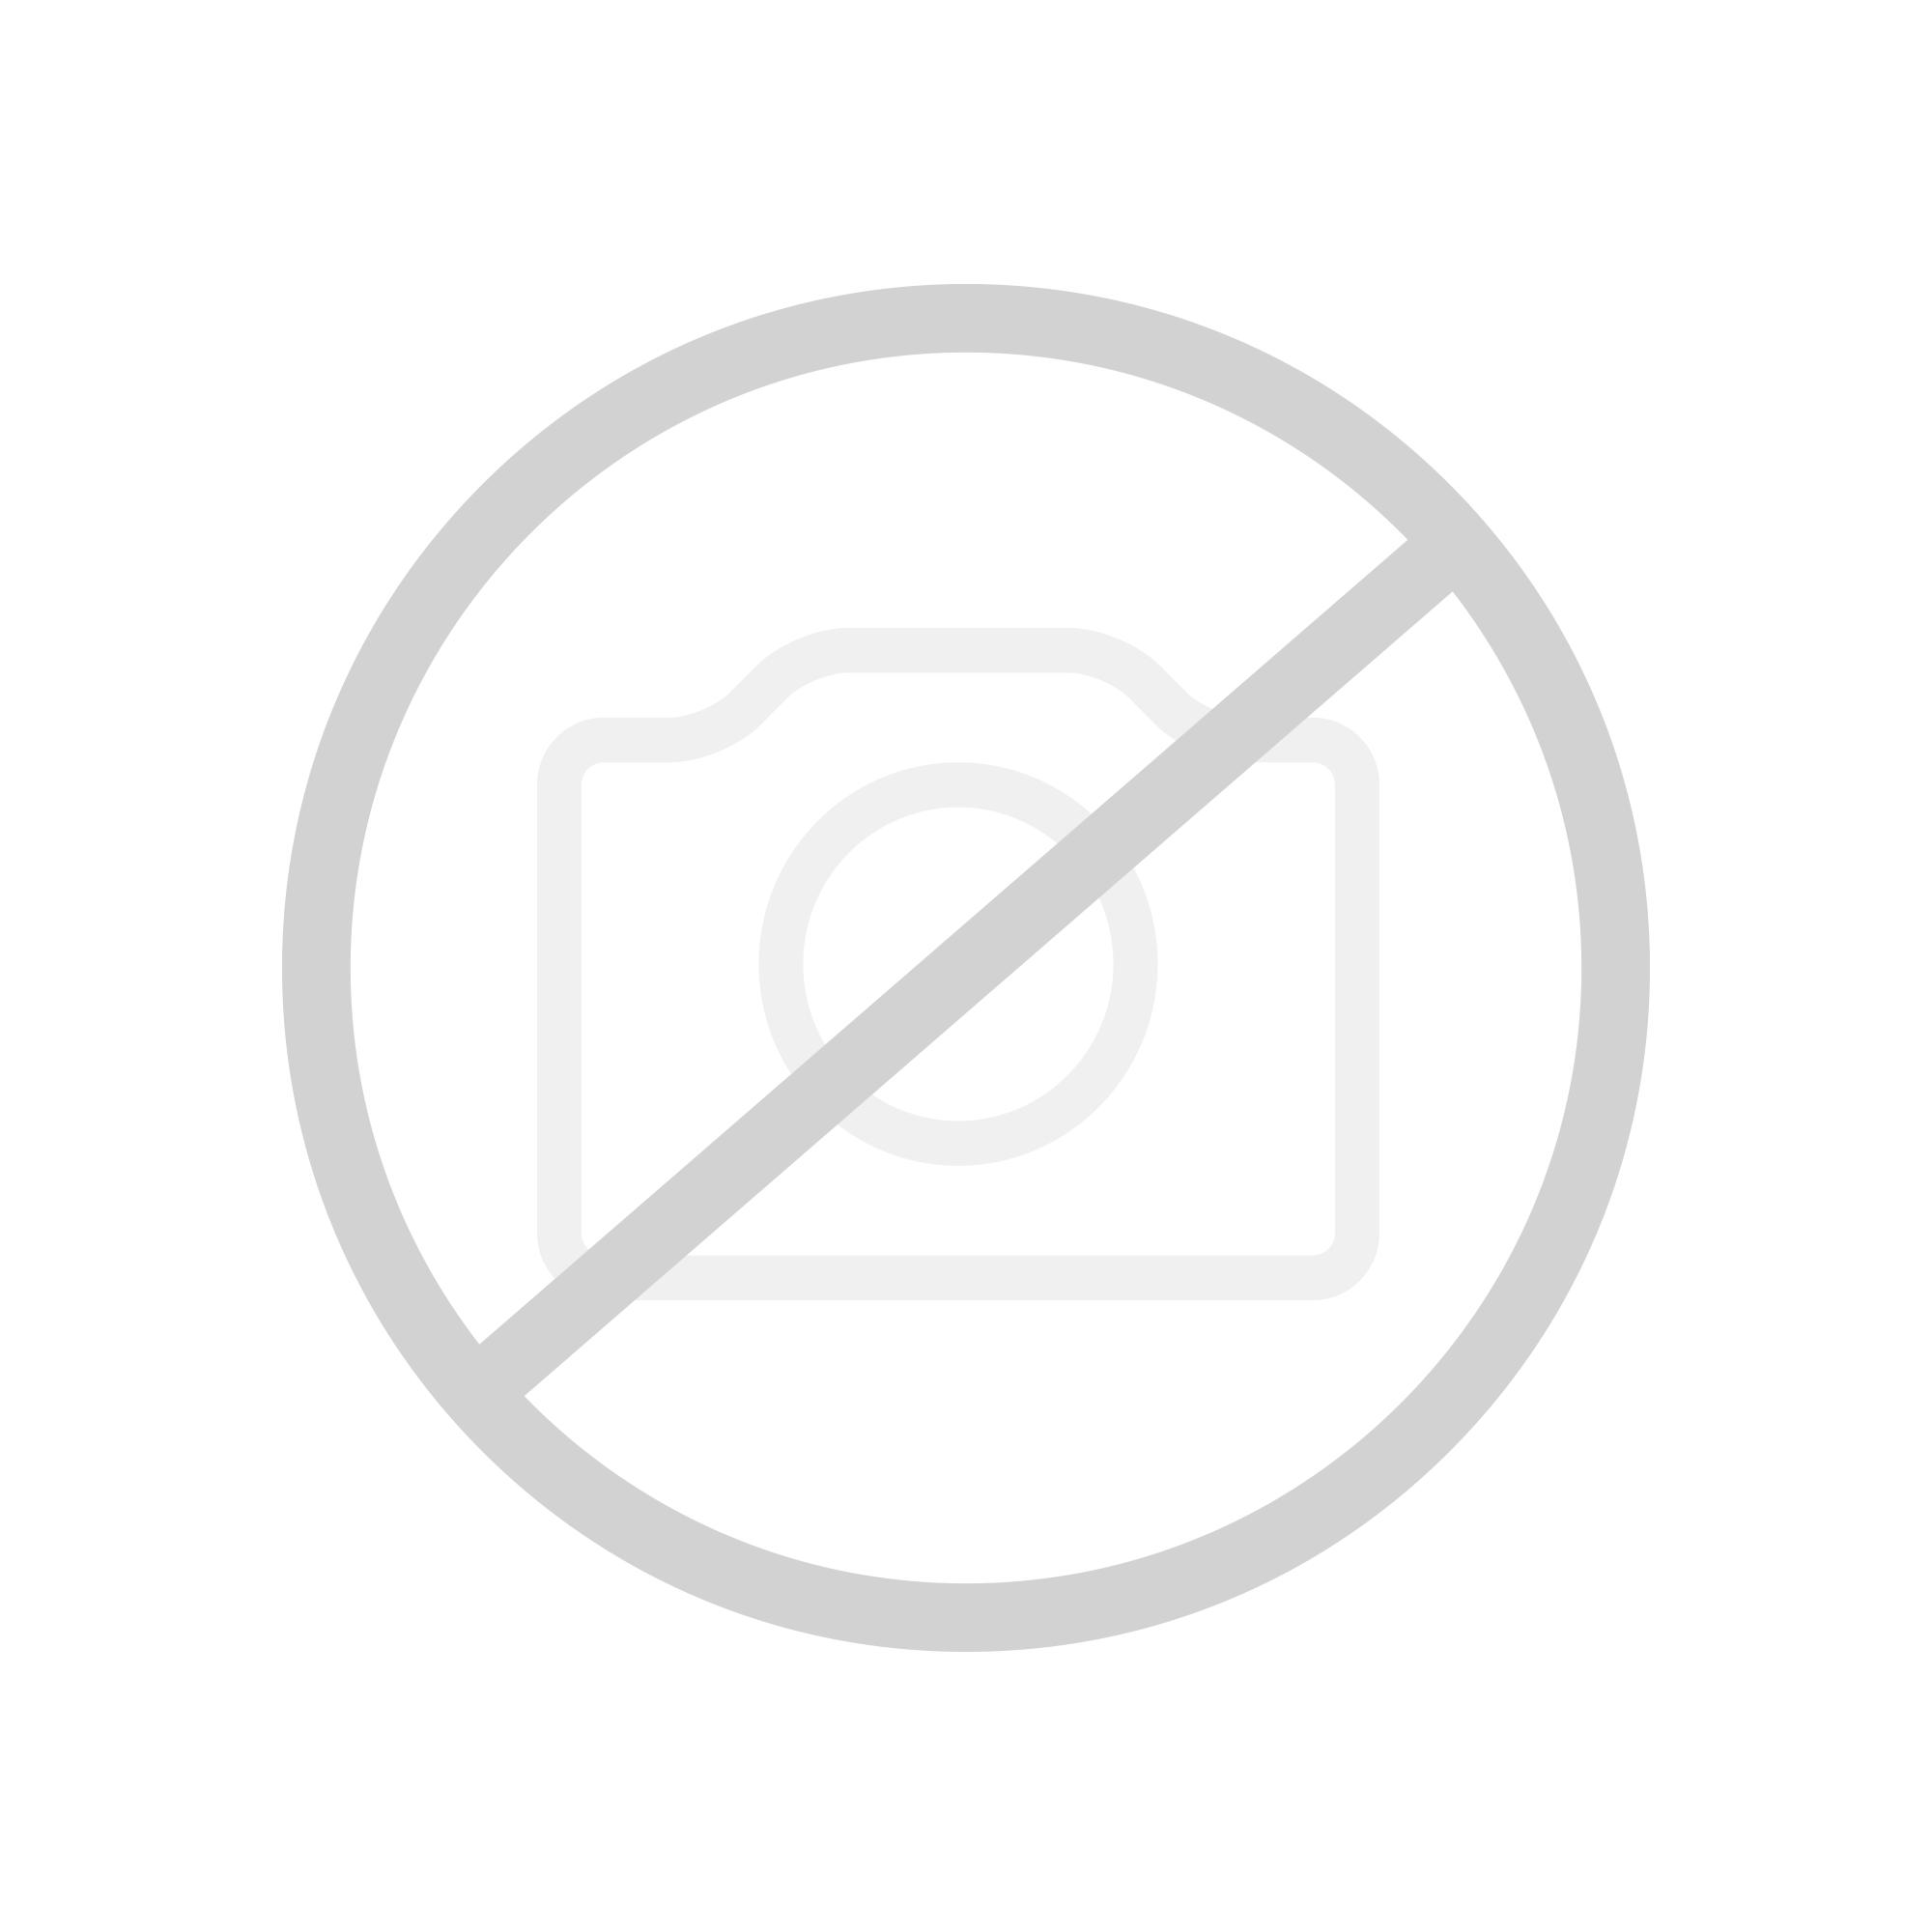 Keuco Edition 11 Einhebel-Bidetarmatur